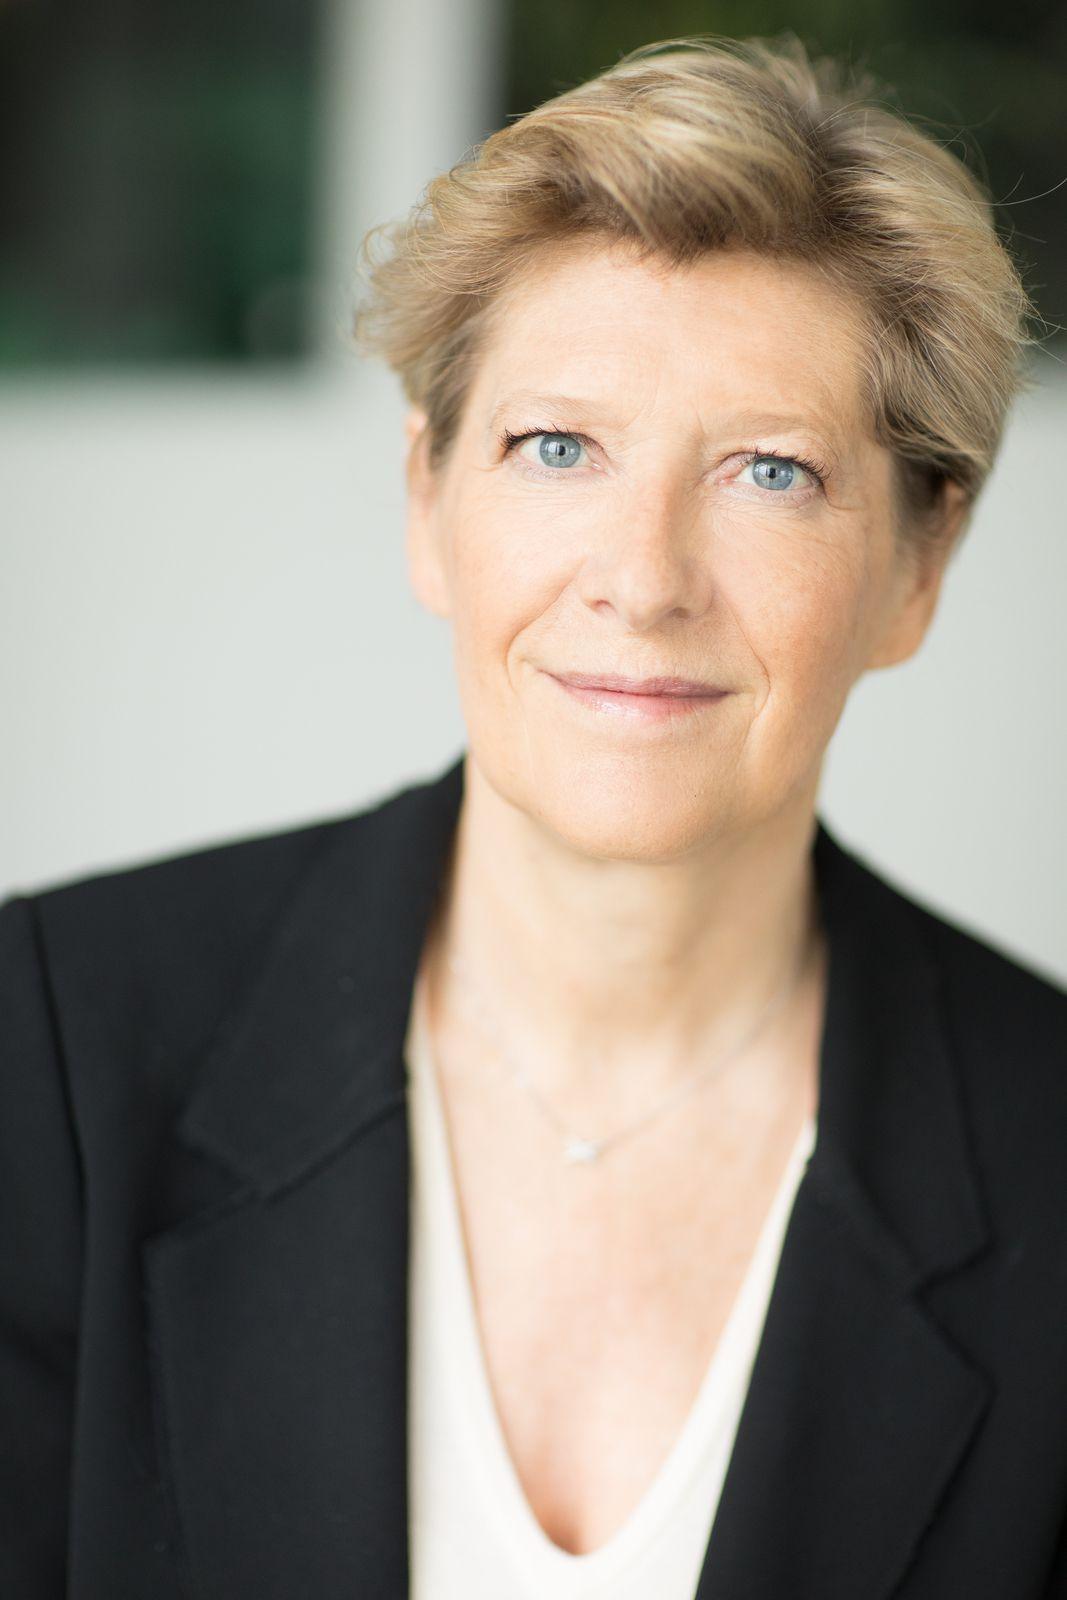 Fabienne Dulac, Directrice générale adjointe et CEO d'Orange France était vendredi dans l'Eure pour annoncer l'arrivée d'Orange en tant que fournisseur d'accès internet sur le réseau public de l'Eure.